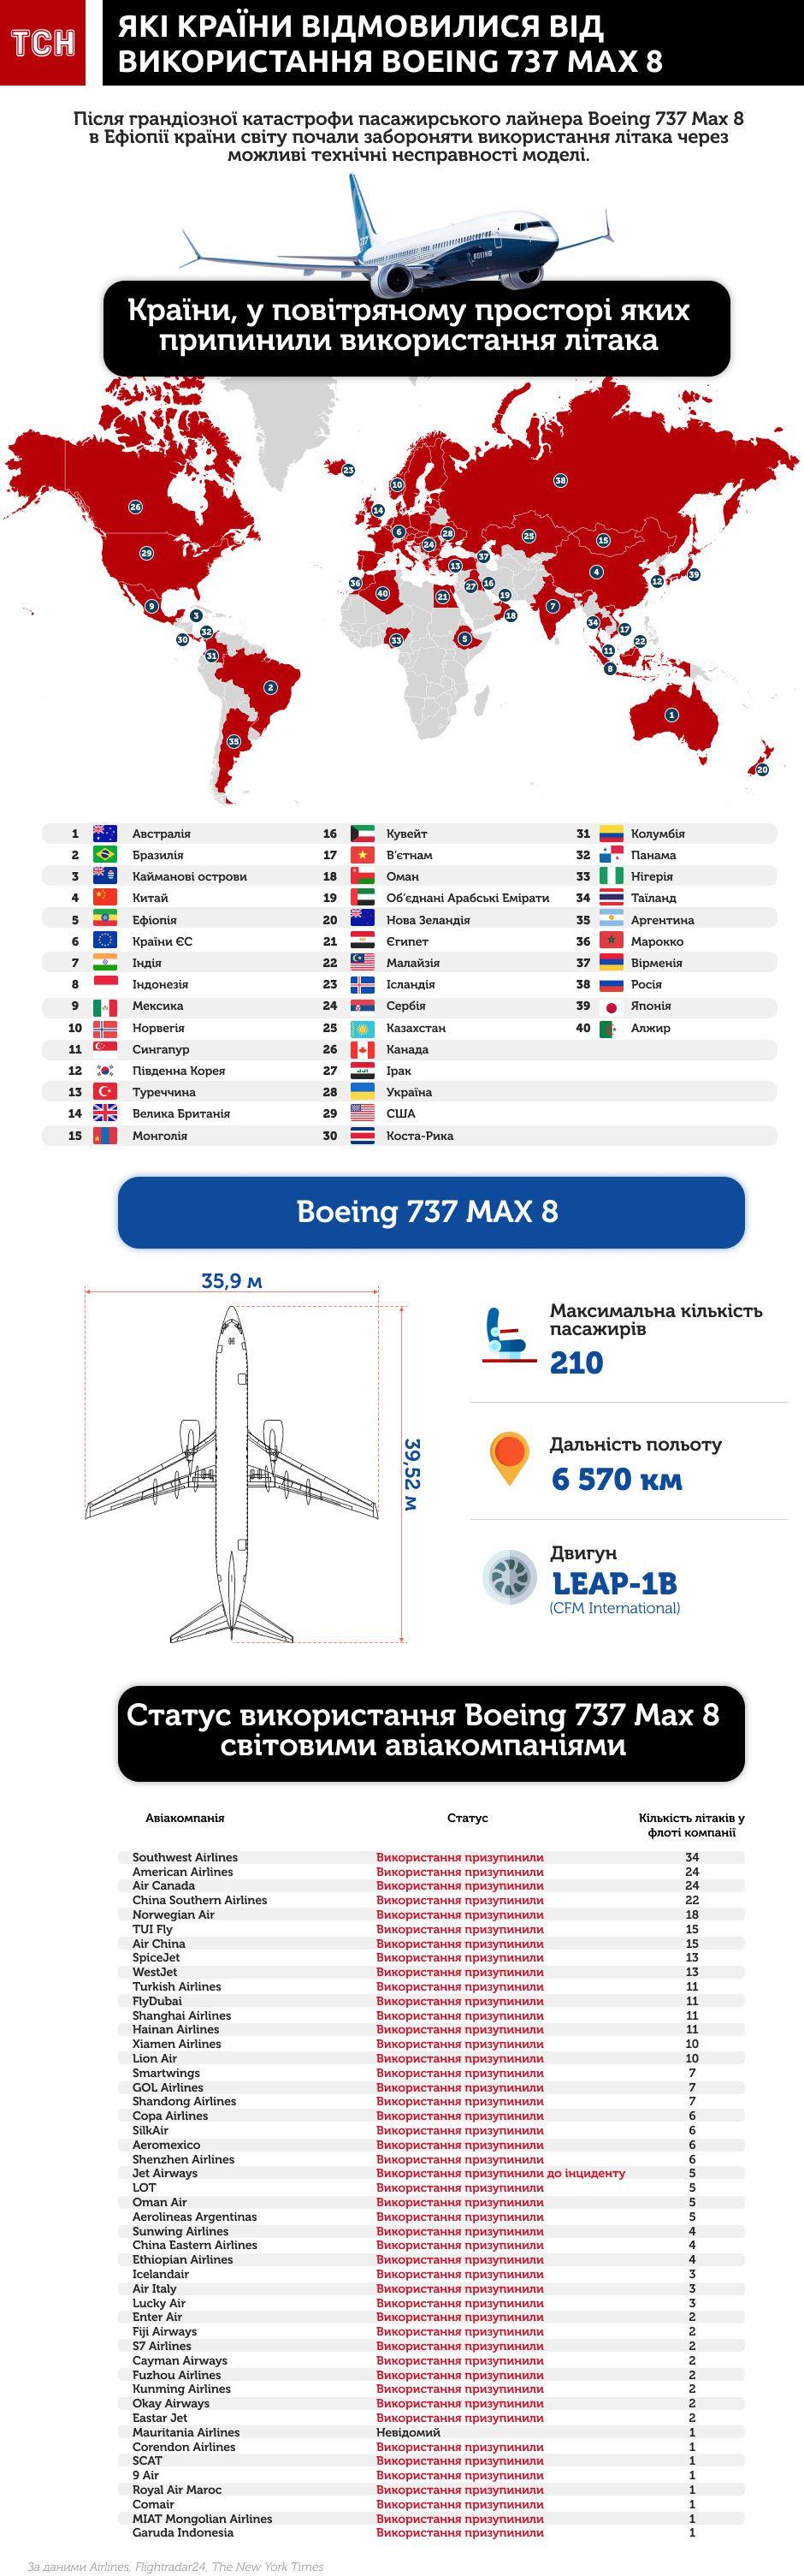 Які країни відмовилися від використання Boeing 737 інфографіка оновлена 6